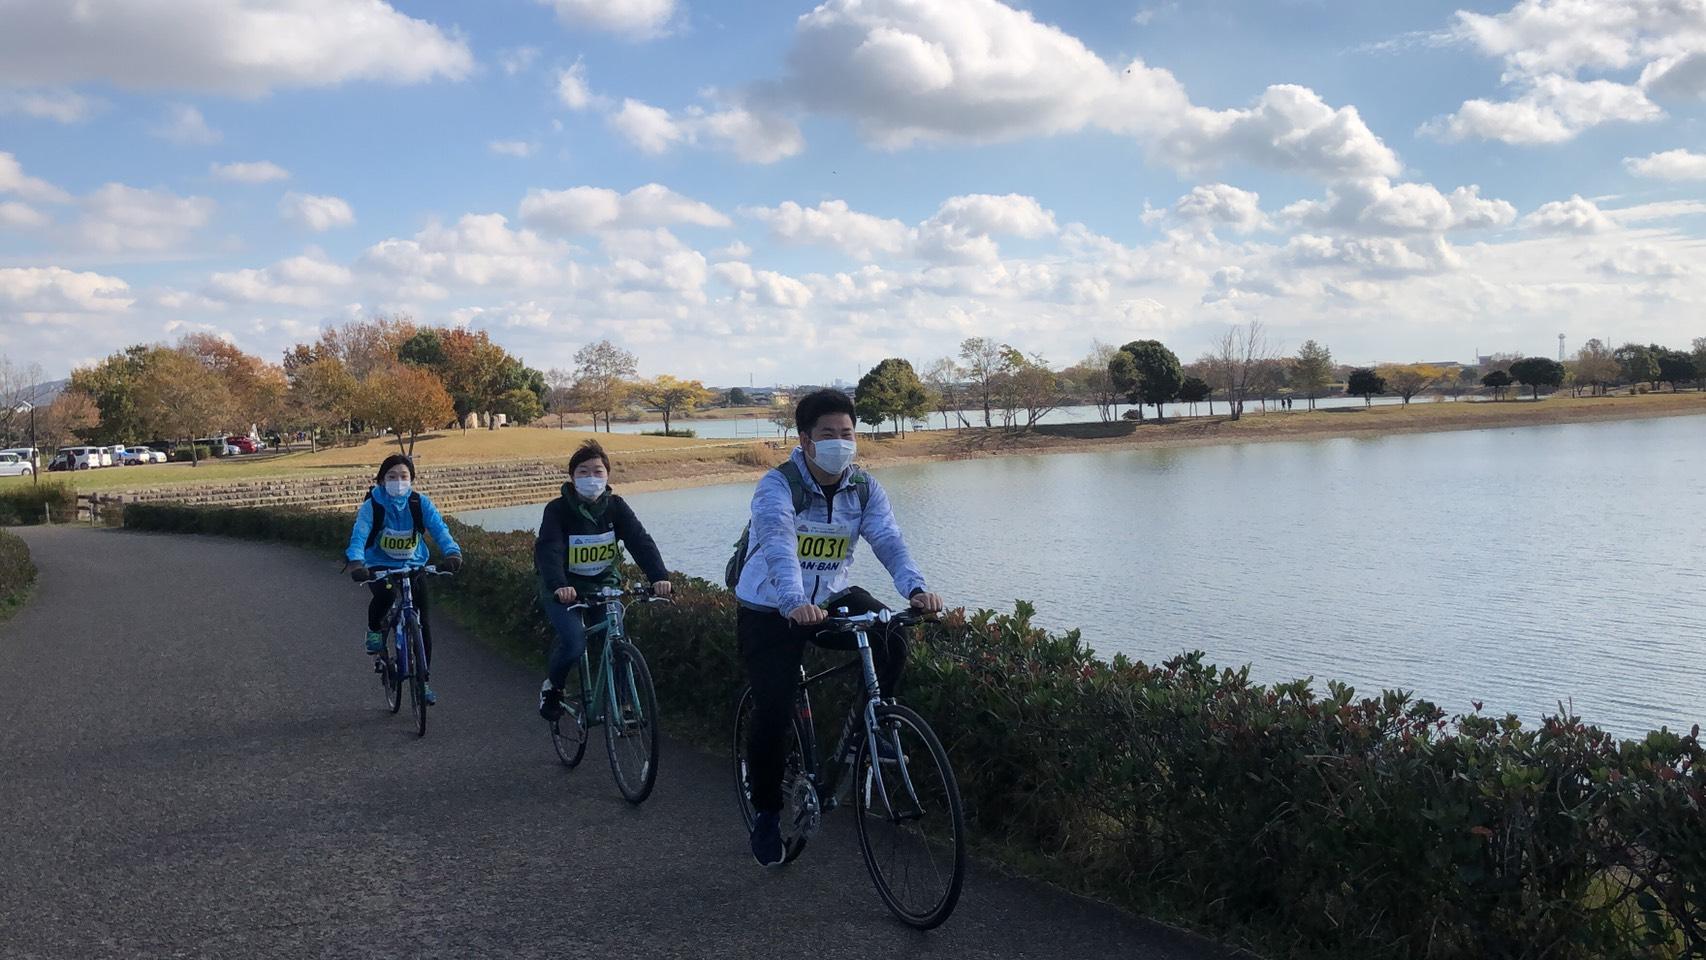 サイクリングもOK。風を切って景色が後方に飛んでいく。気持ちいい。(ただし、寺田池周遊は乗らずに押してね。)